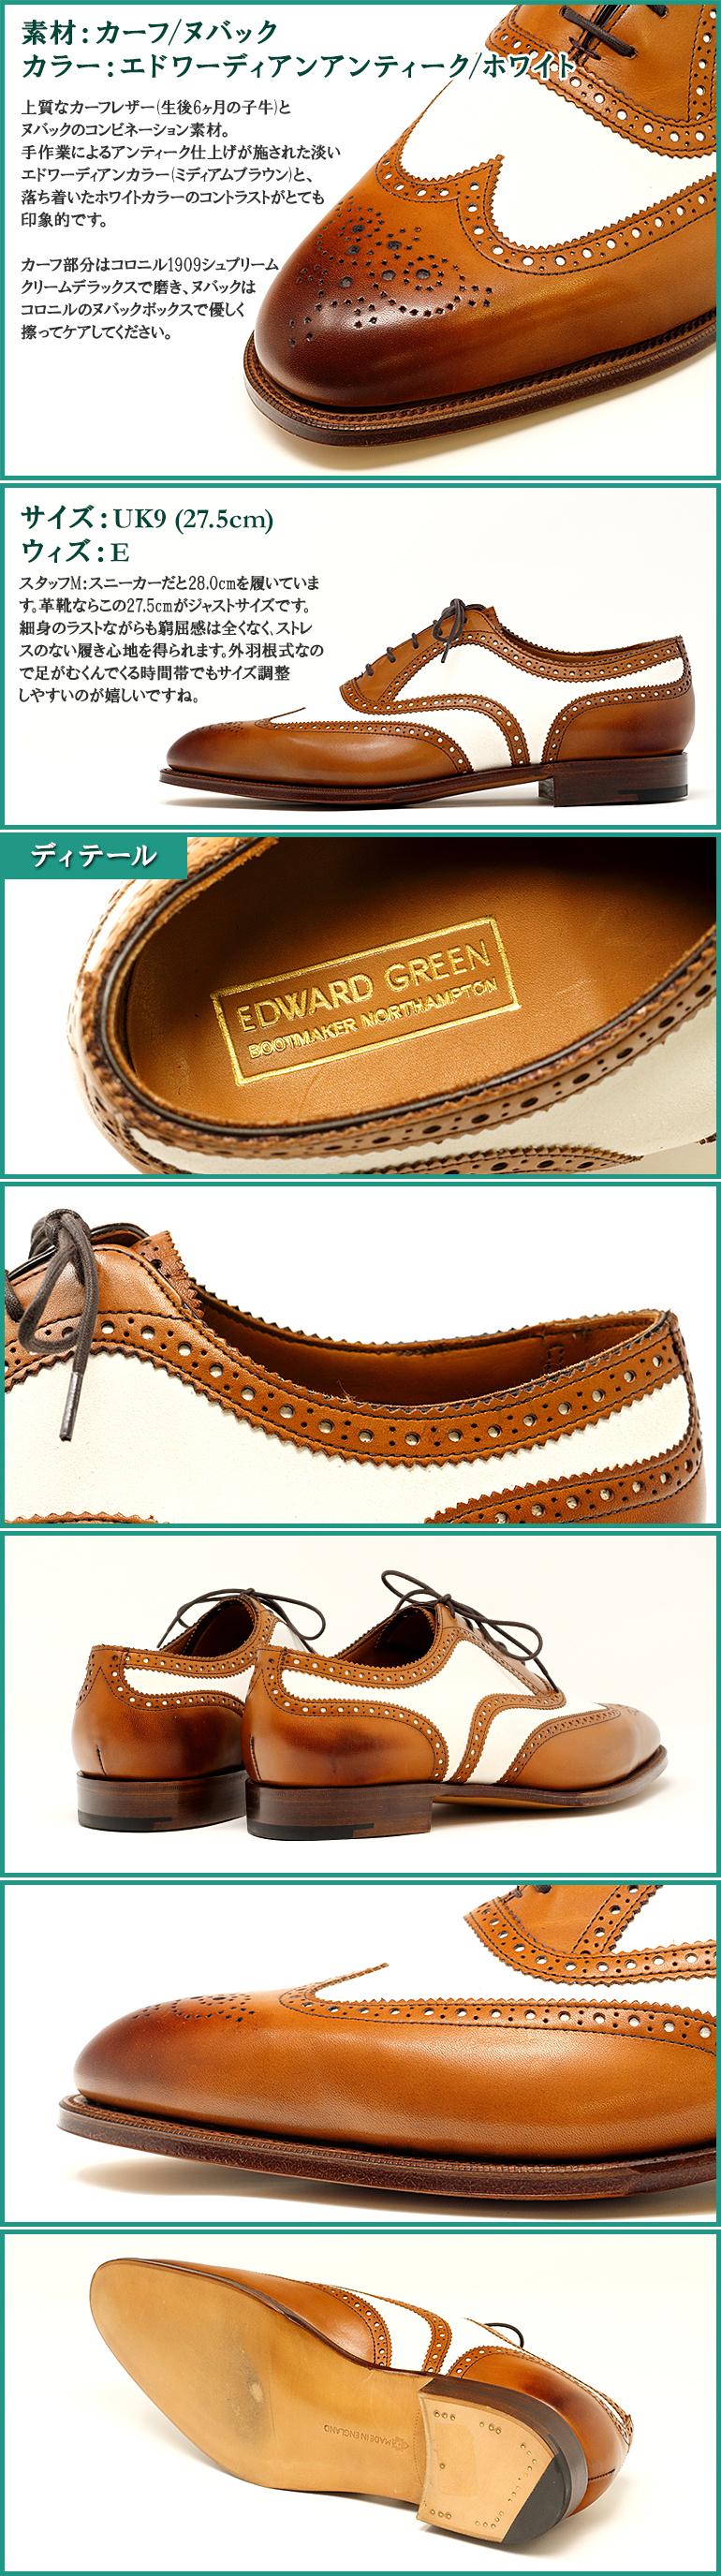 エドワードグリーン マルバーン EDWARD GREEN MALVERN  通販 素材・カラー・ラスト・サイズ・付属品紹介